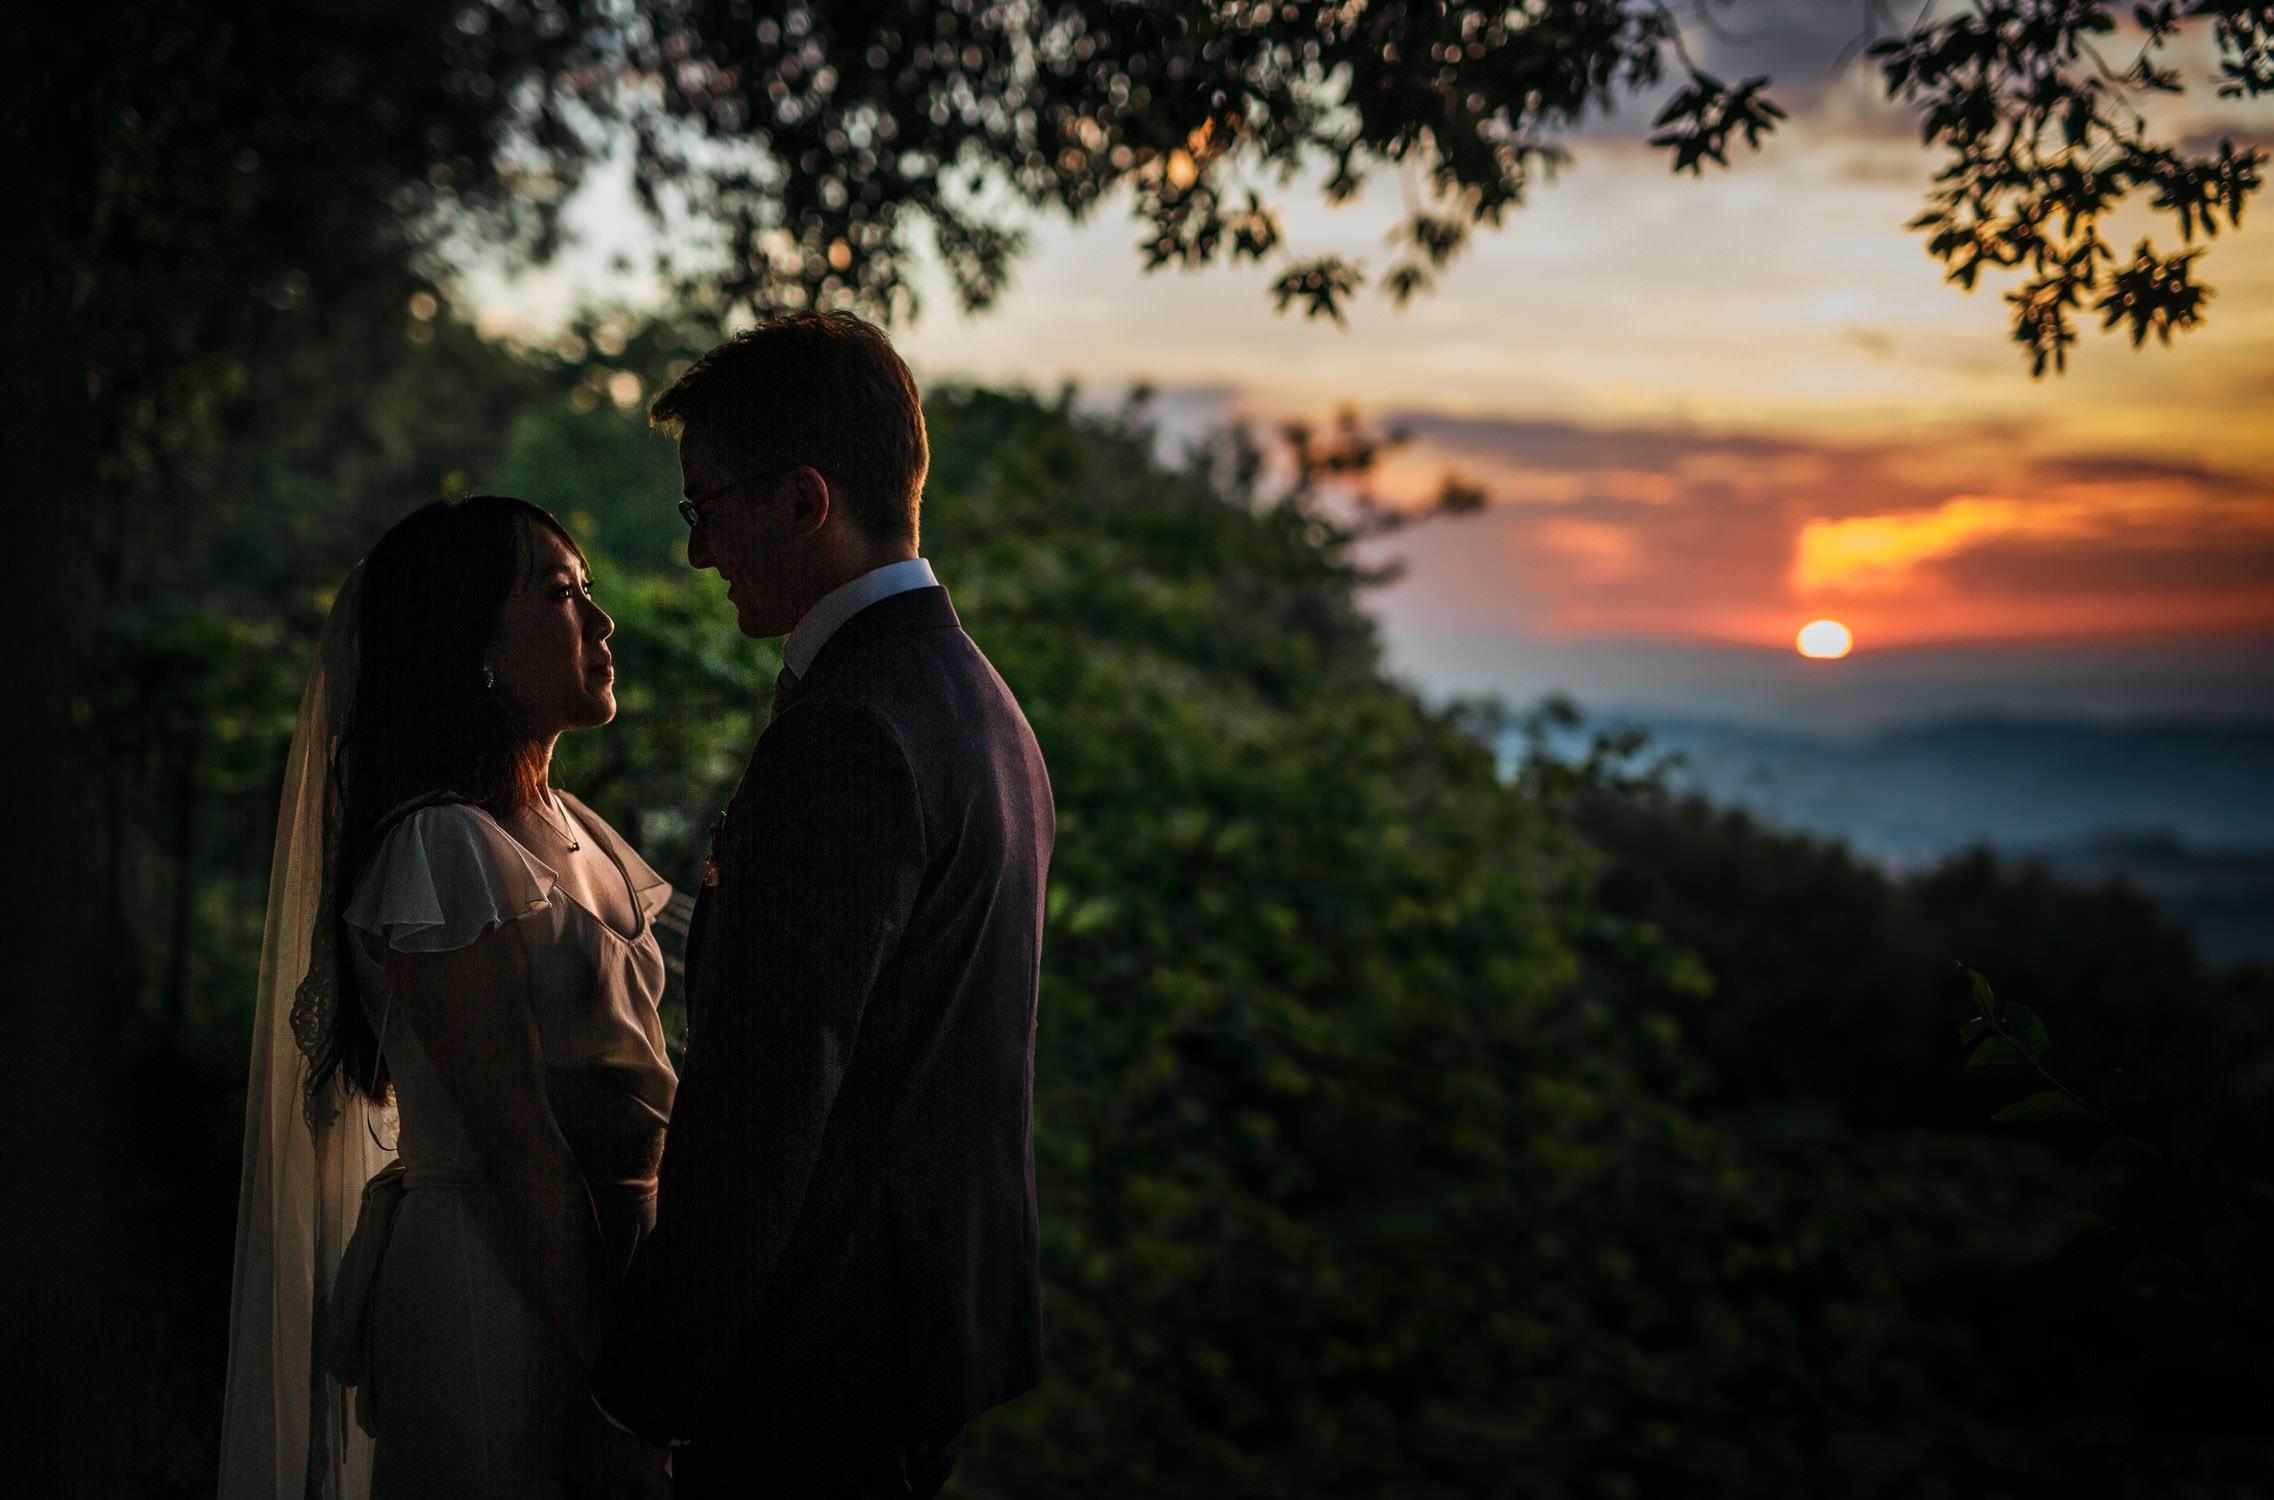 Krup studio Fotografo Video e Album di Matrimonio a San Benedetto del Tronto e Italia Ritratto al Tramonto